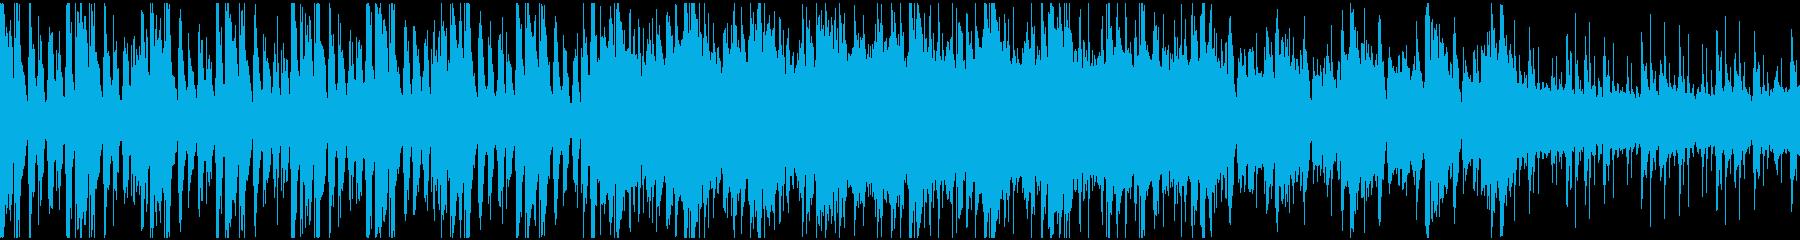 民族調のワールドマップ・メニュー画面曲の再生済みの波形